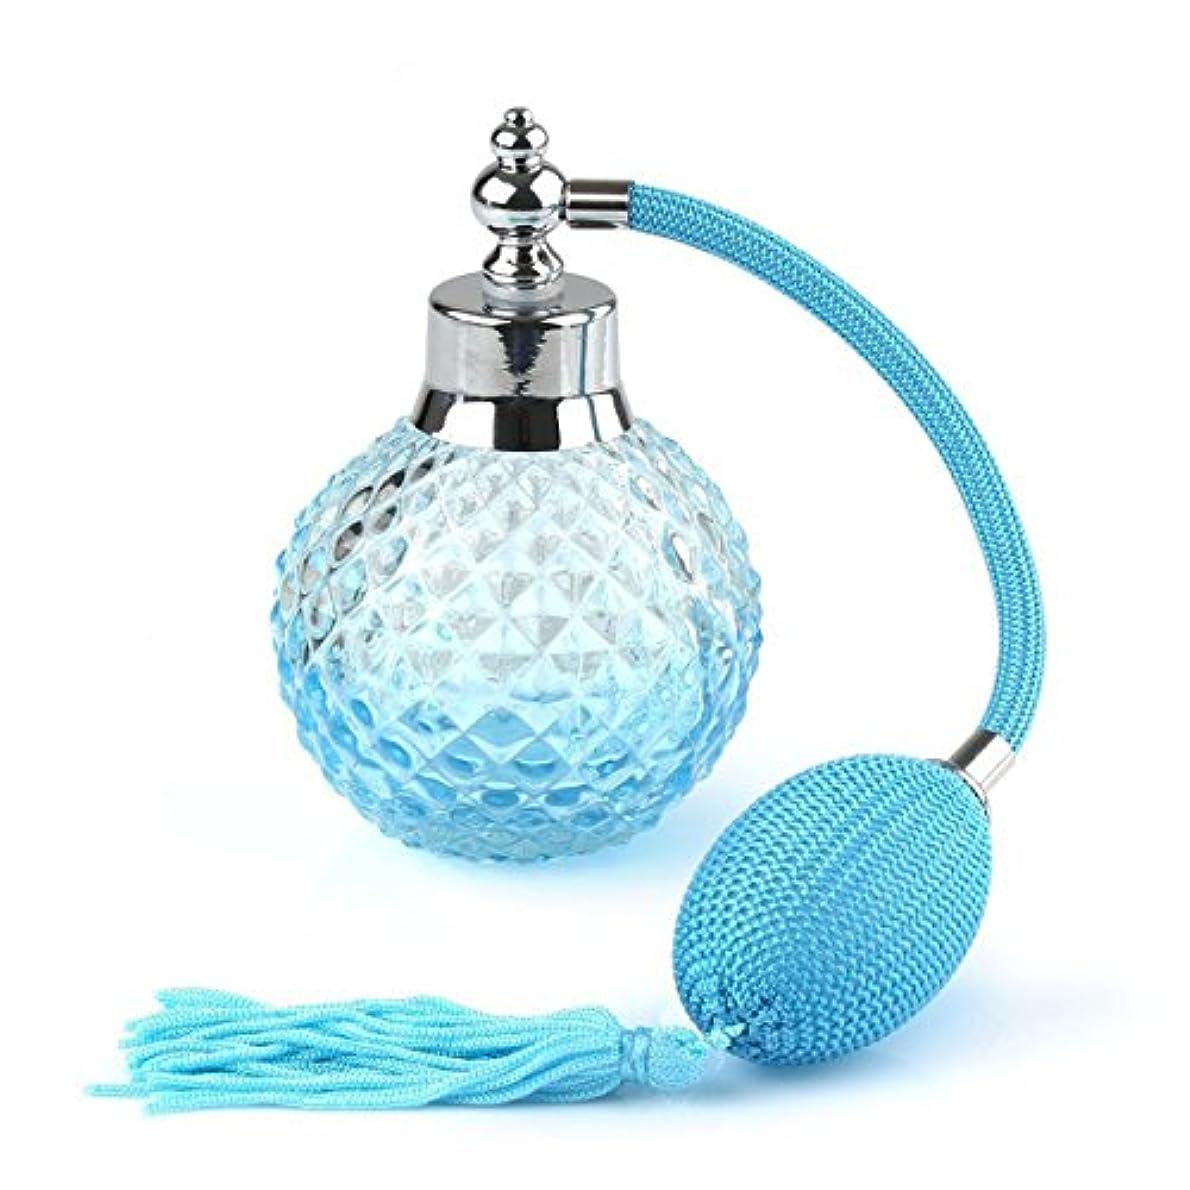 シェルター手錠発生ROSENICE クリスタル アトマイザー 香水瓶 スプレーボトル 100ml(ブルー)